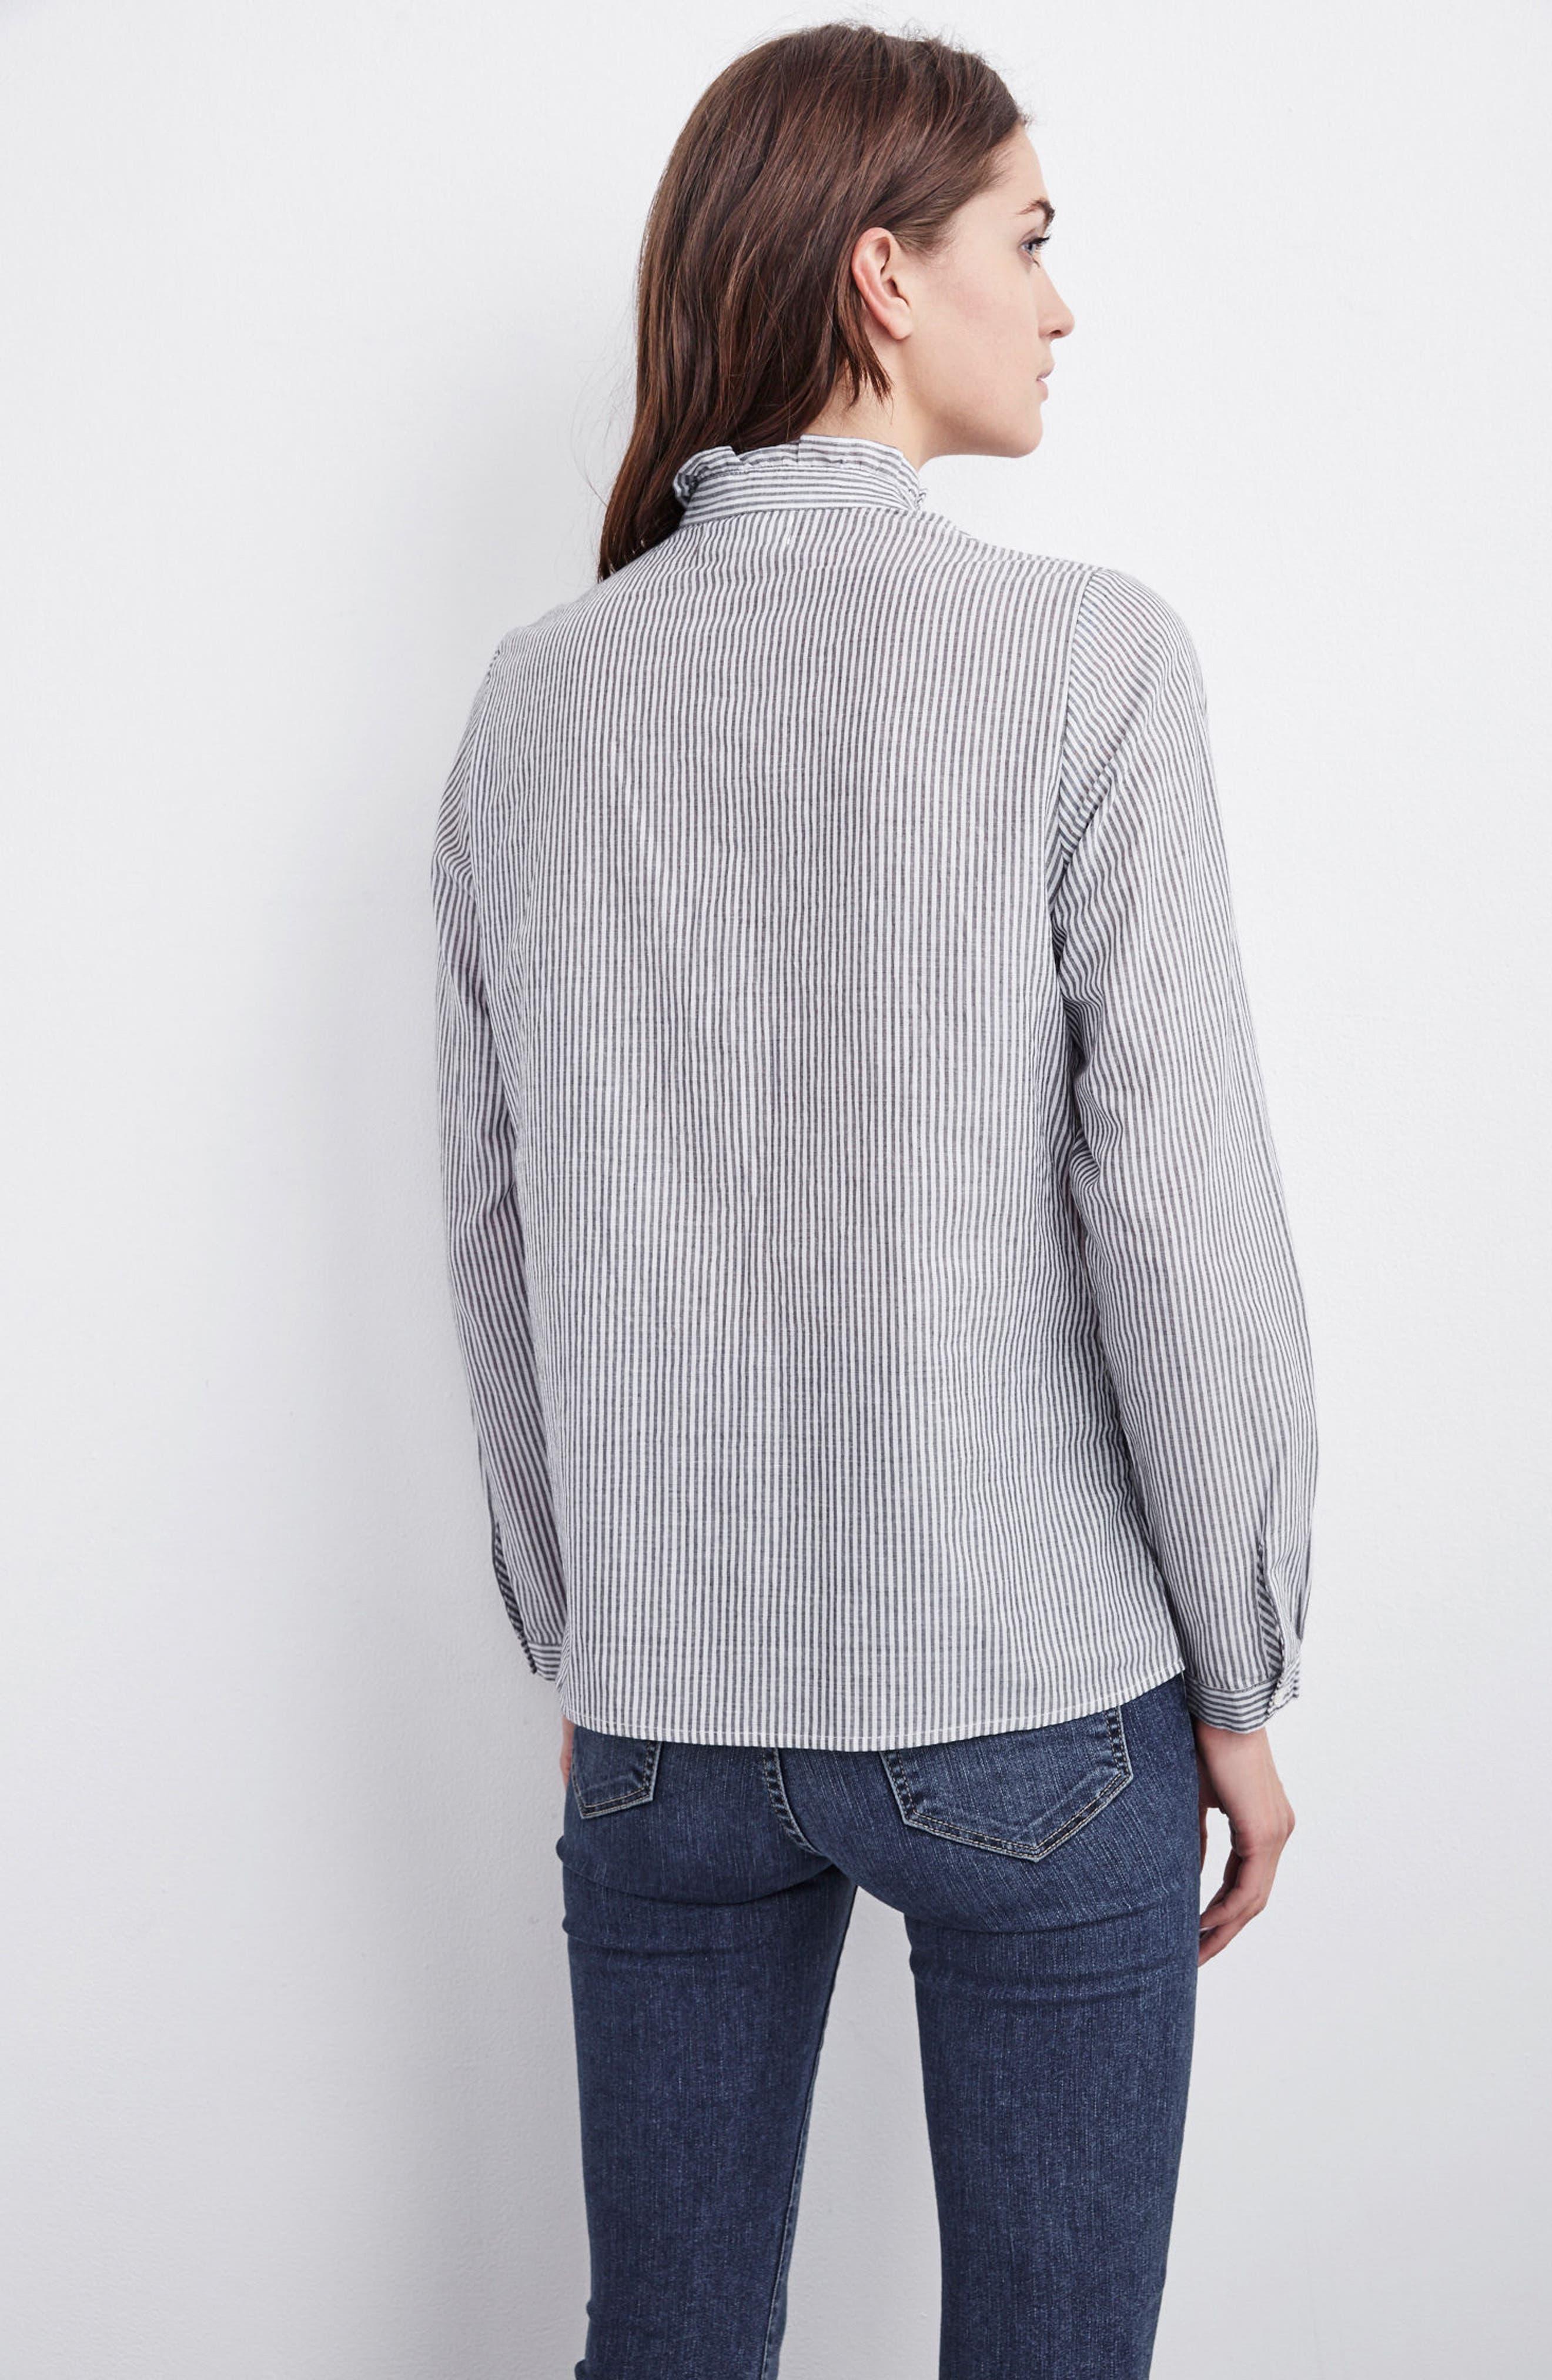 Velvet Embroidered Stripe Shirt,                             Alternate thumbnail 8, color,                             960